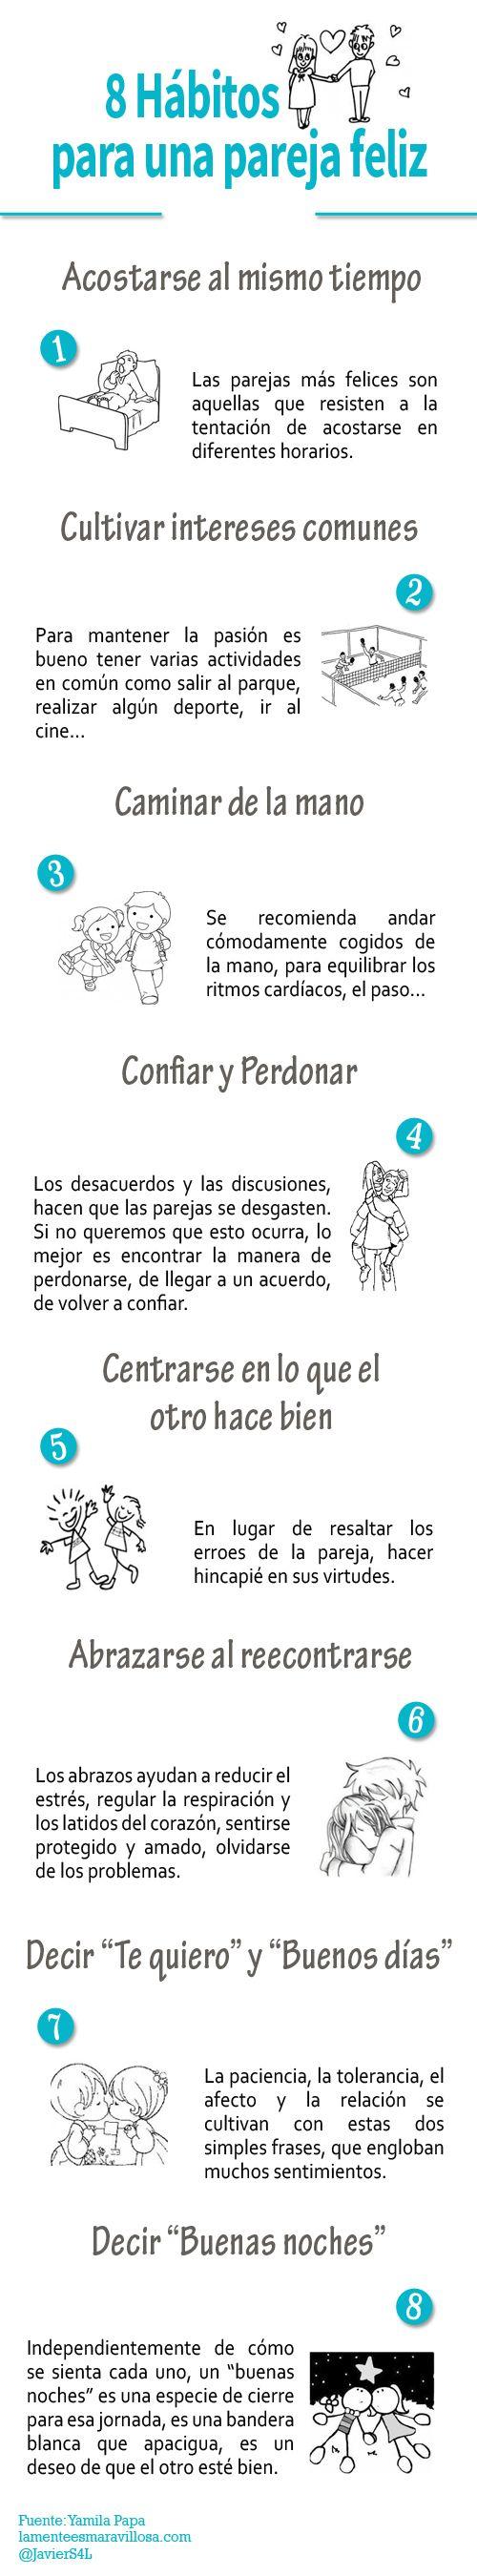 Mi pequeños aportes: 8 hábitos para ser una pareja feliz Infografía Aquí les dejo una infografía con 8 hábitos para ser una pareja feliz #Psicologia #Infografia